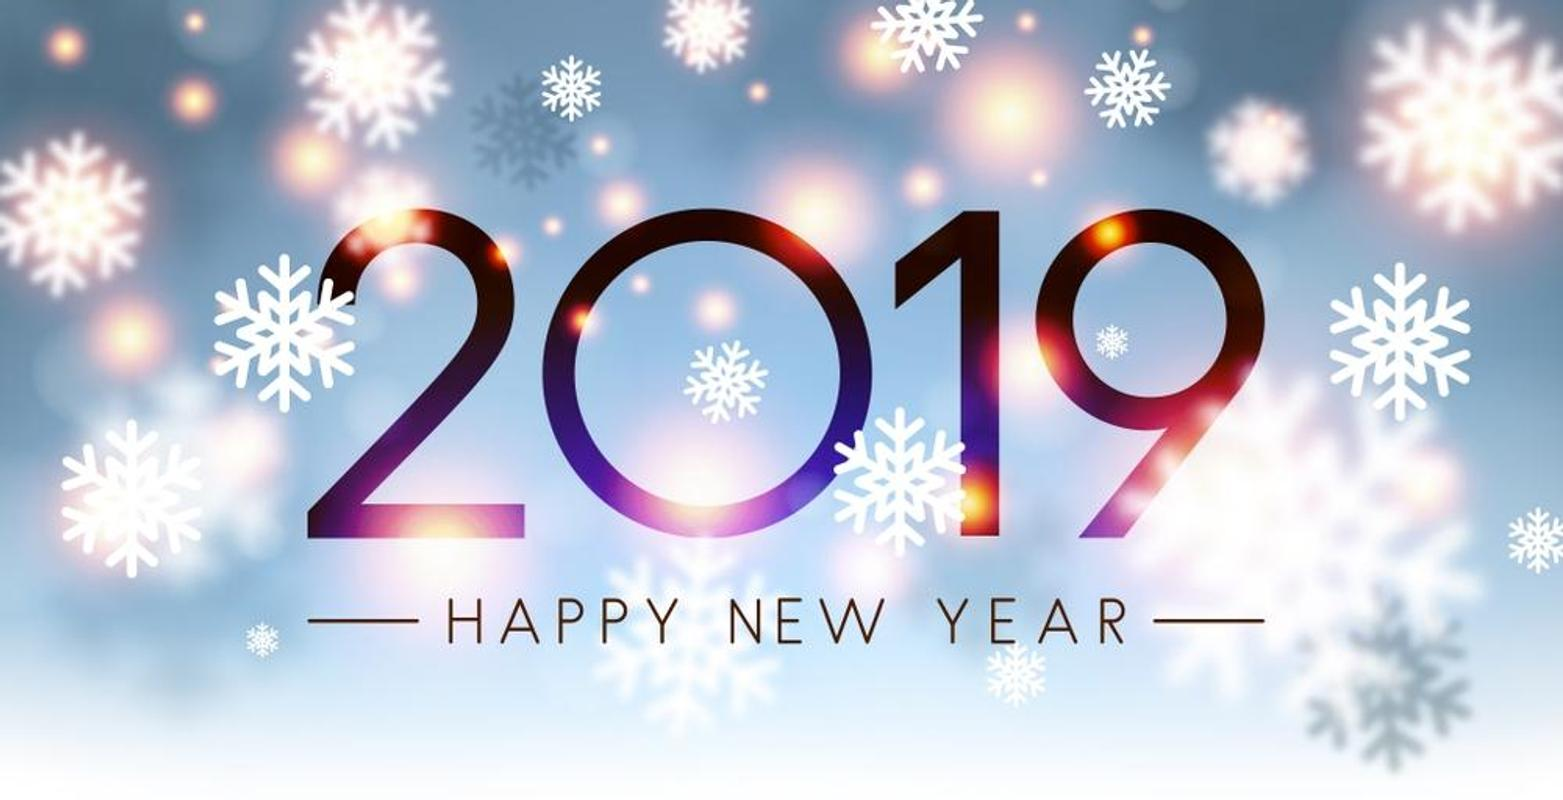 نتيجة بحث الصور عن خلفيات وصور رأس السنة الميلادية 2019